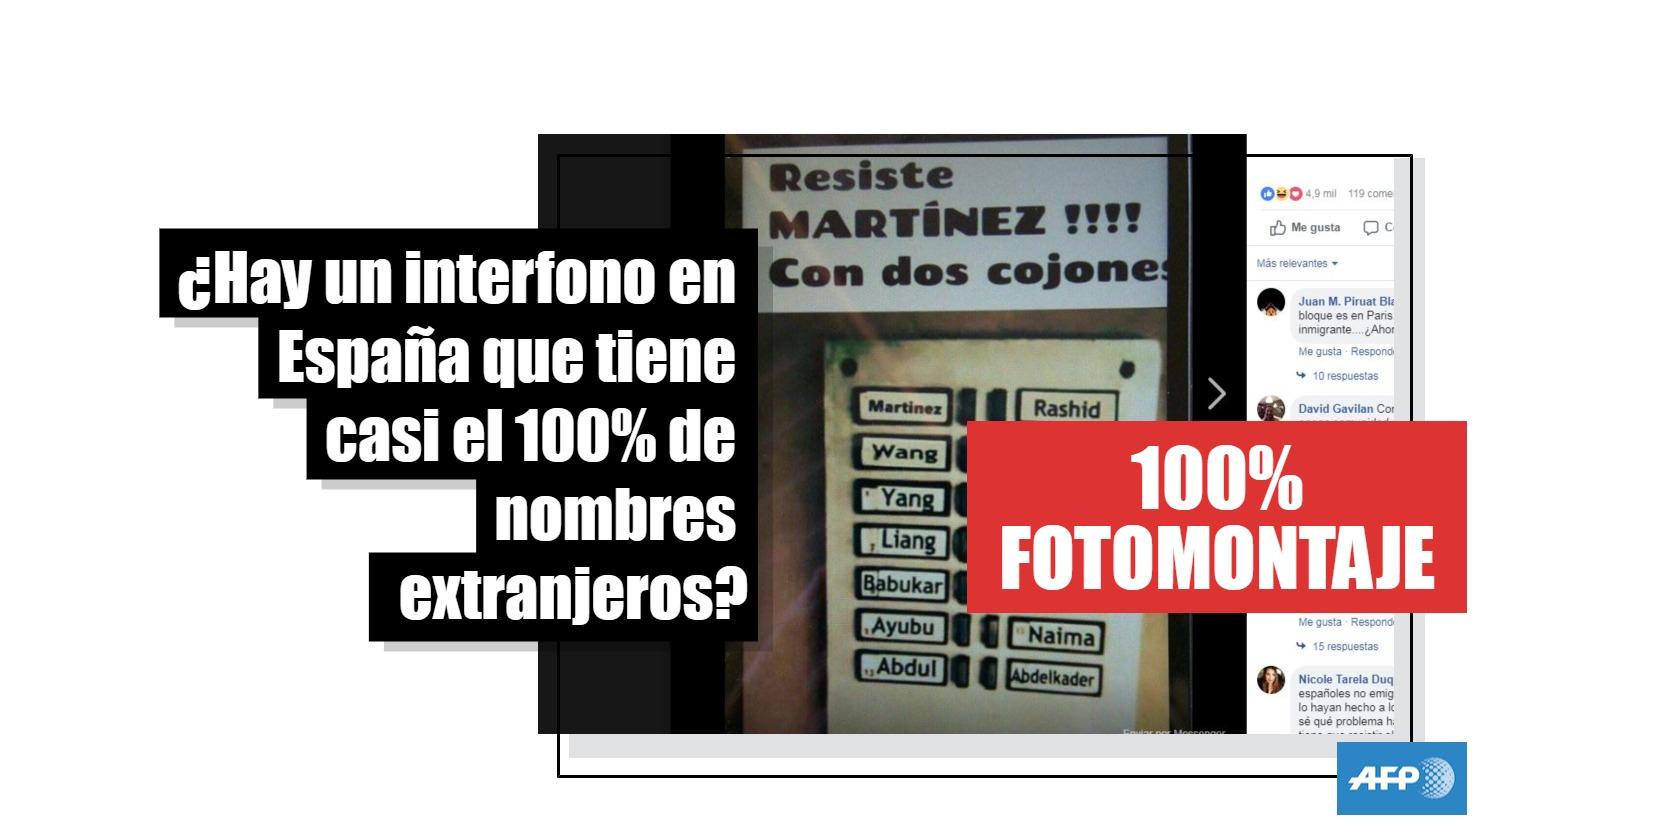 """Captura de pantalla de la publicación en español que retoma la imagen del interfono con supuestos """"apellidos extranjeros"""""""